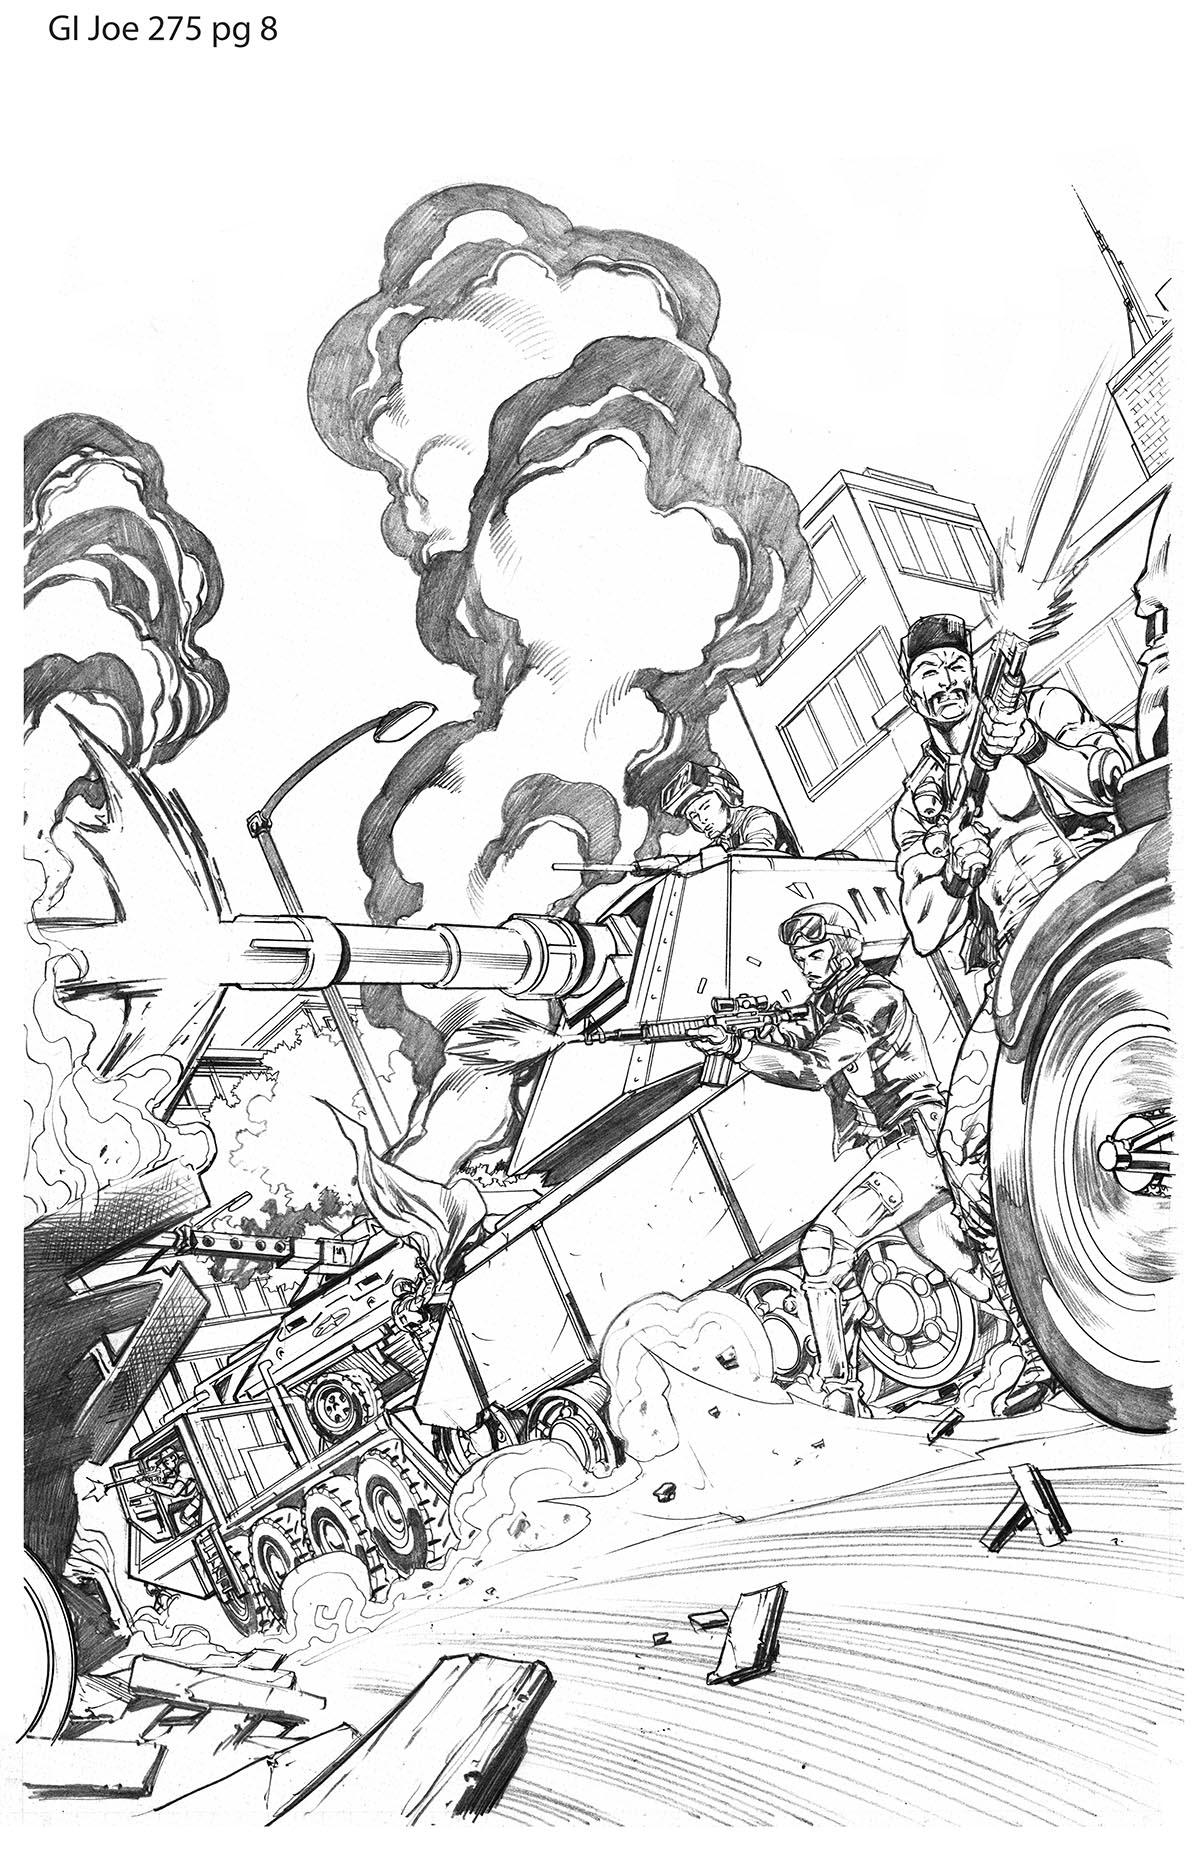 GI JOE #275 pg 8